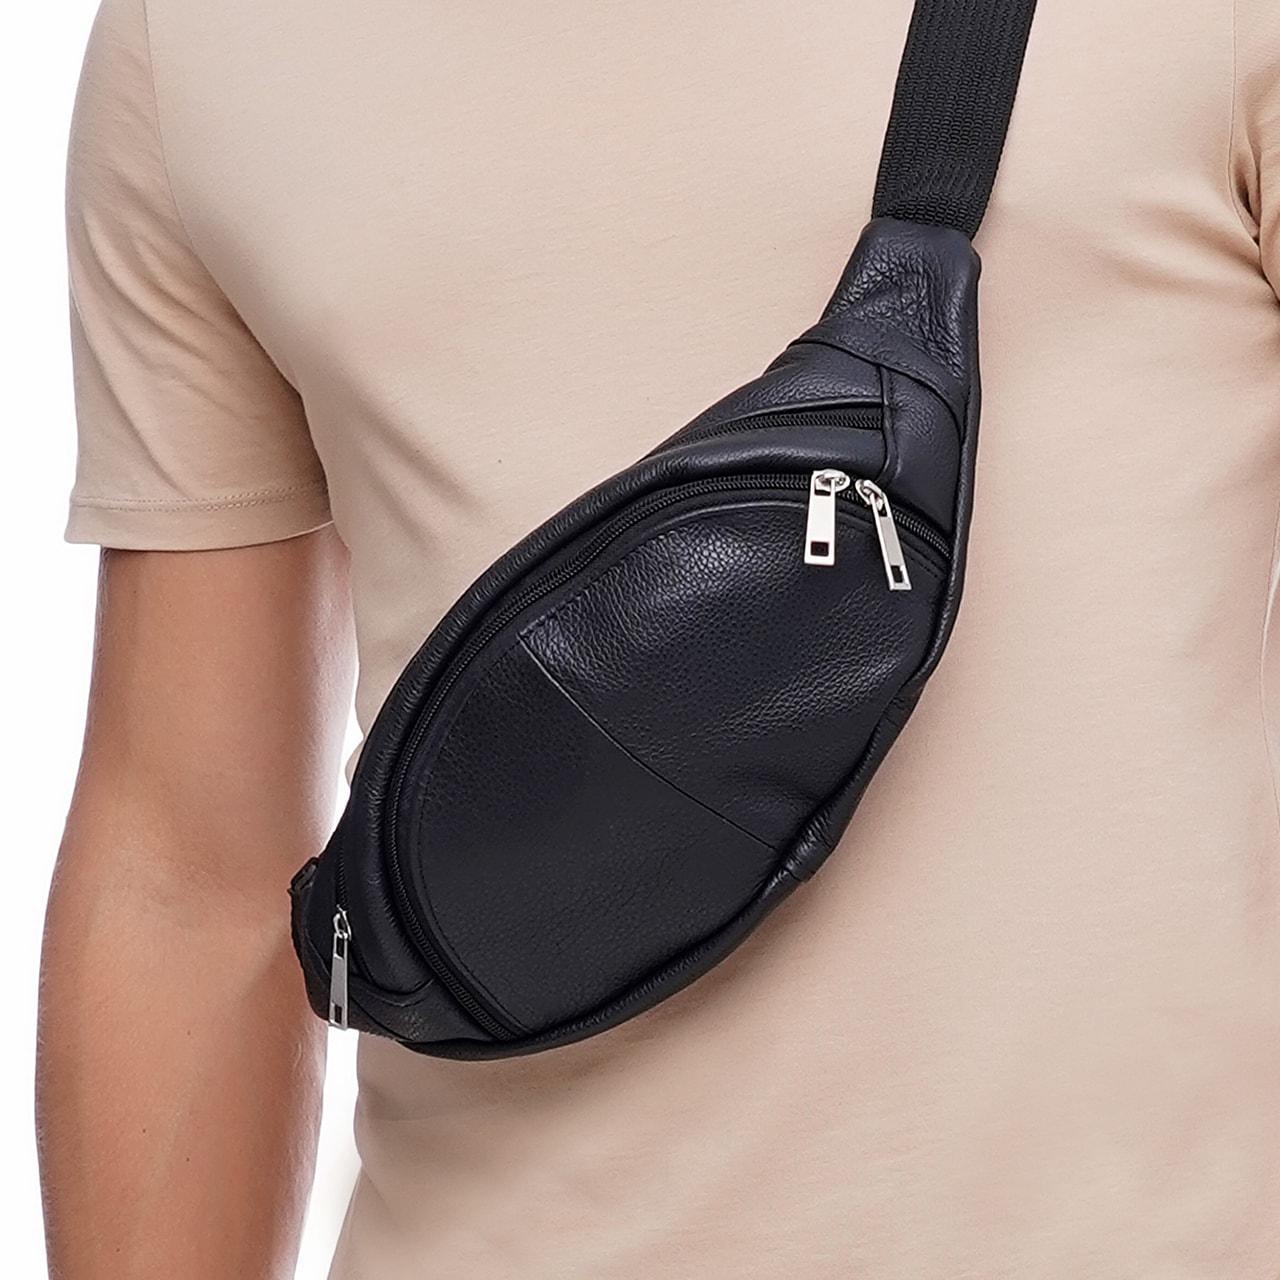 Кожаная сумка на пояс Moon, цвет Черный